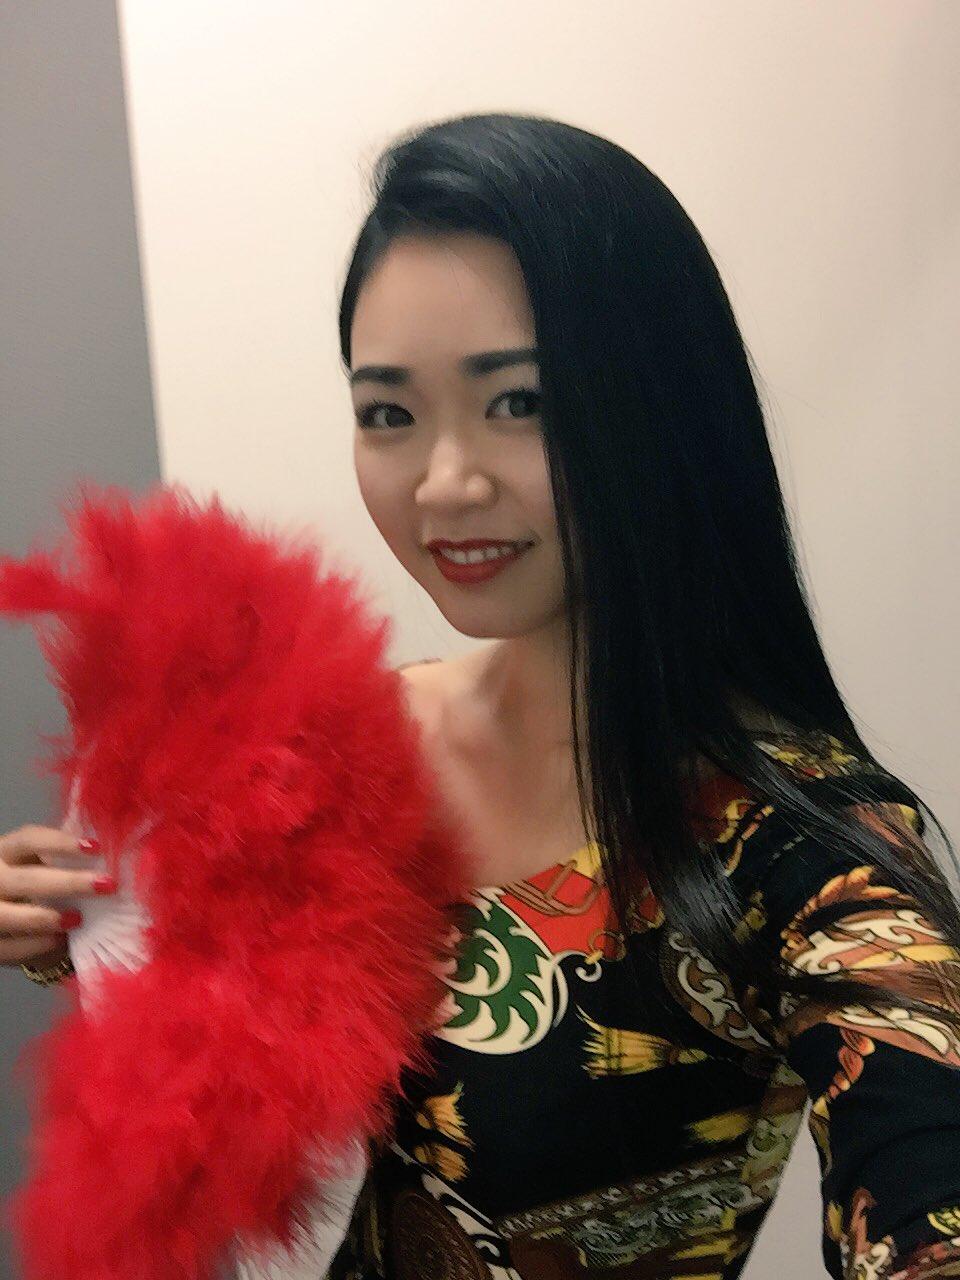 Kanako Nishikawa